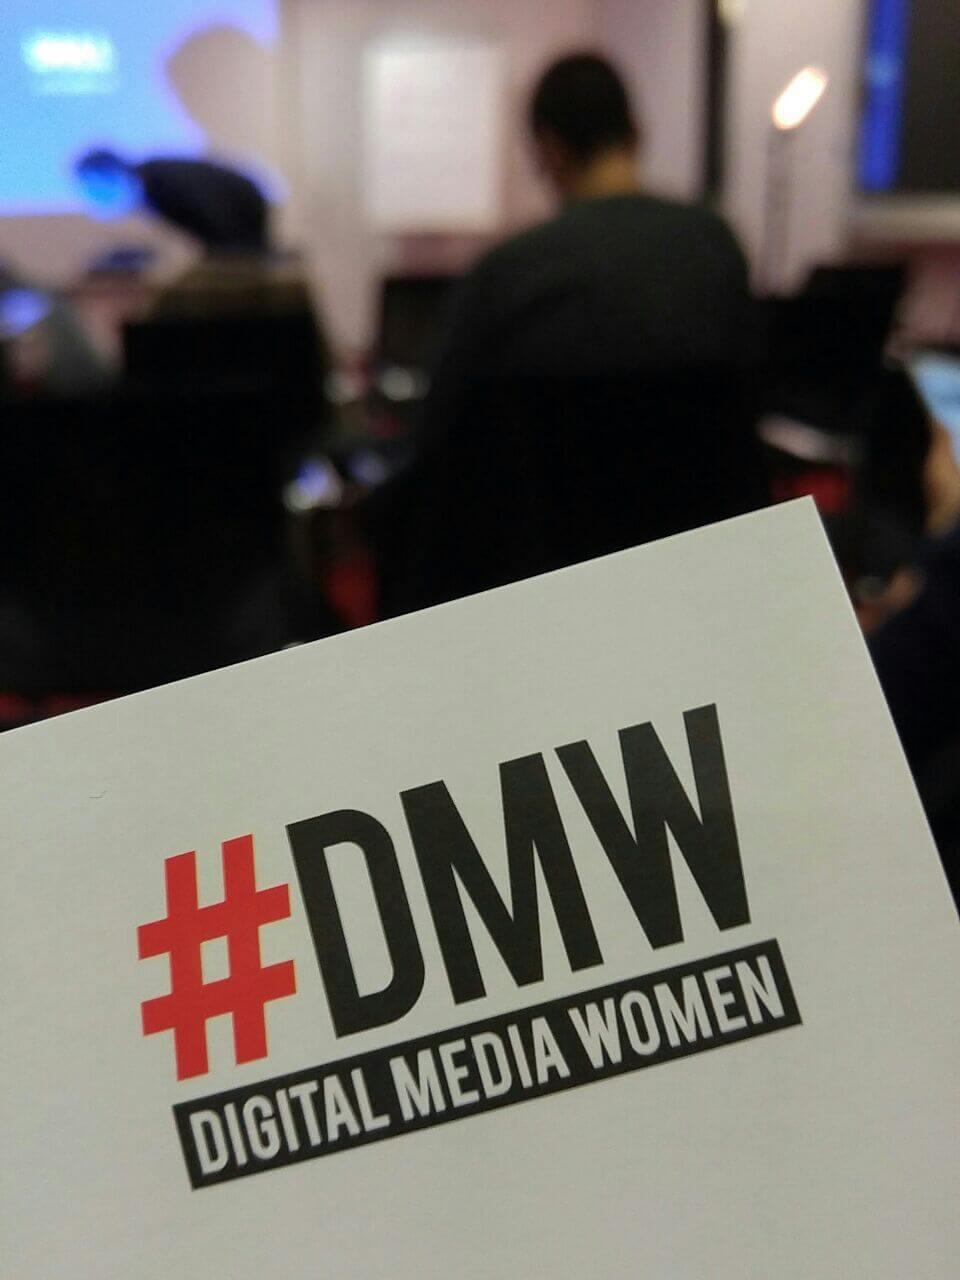 Auf der Veranstaltung Kommunizieren mit KI wird Flyer der Digital Media Women gezeigt